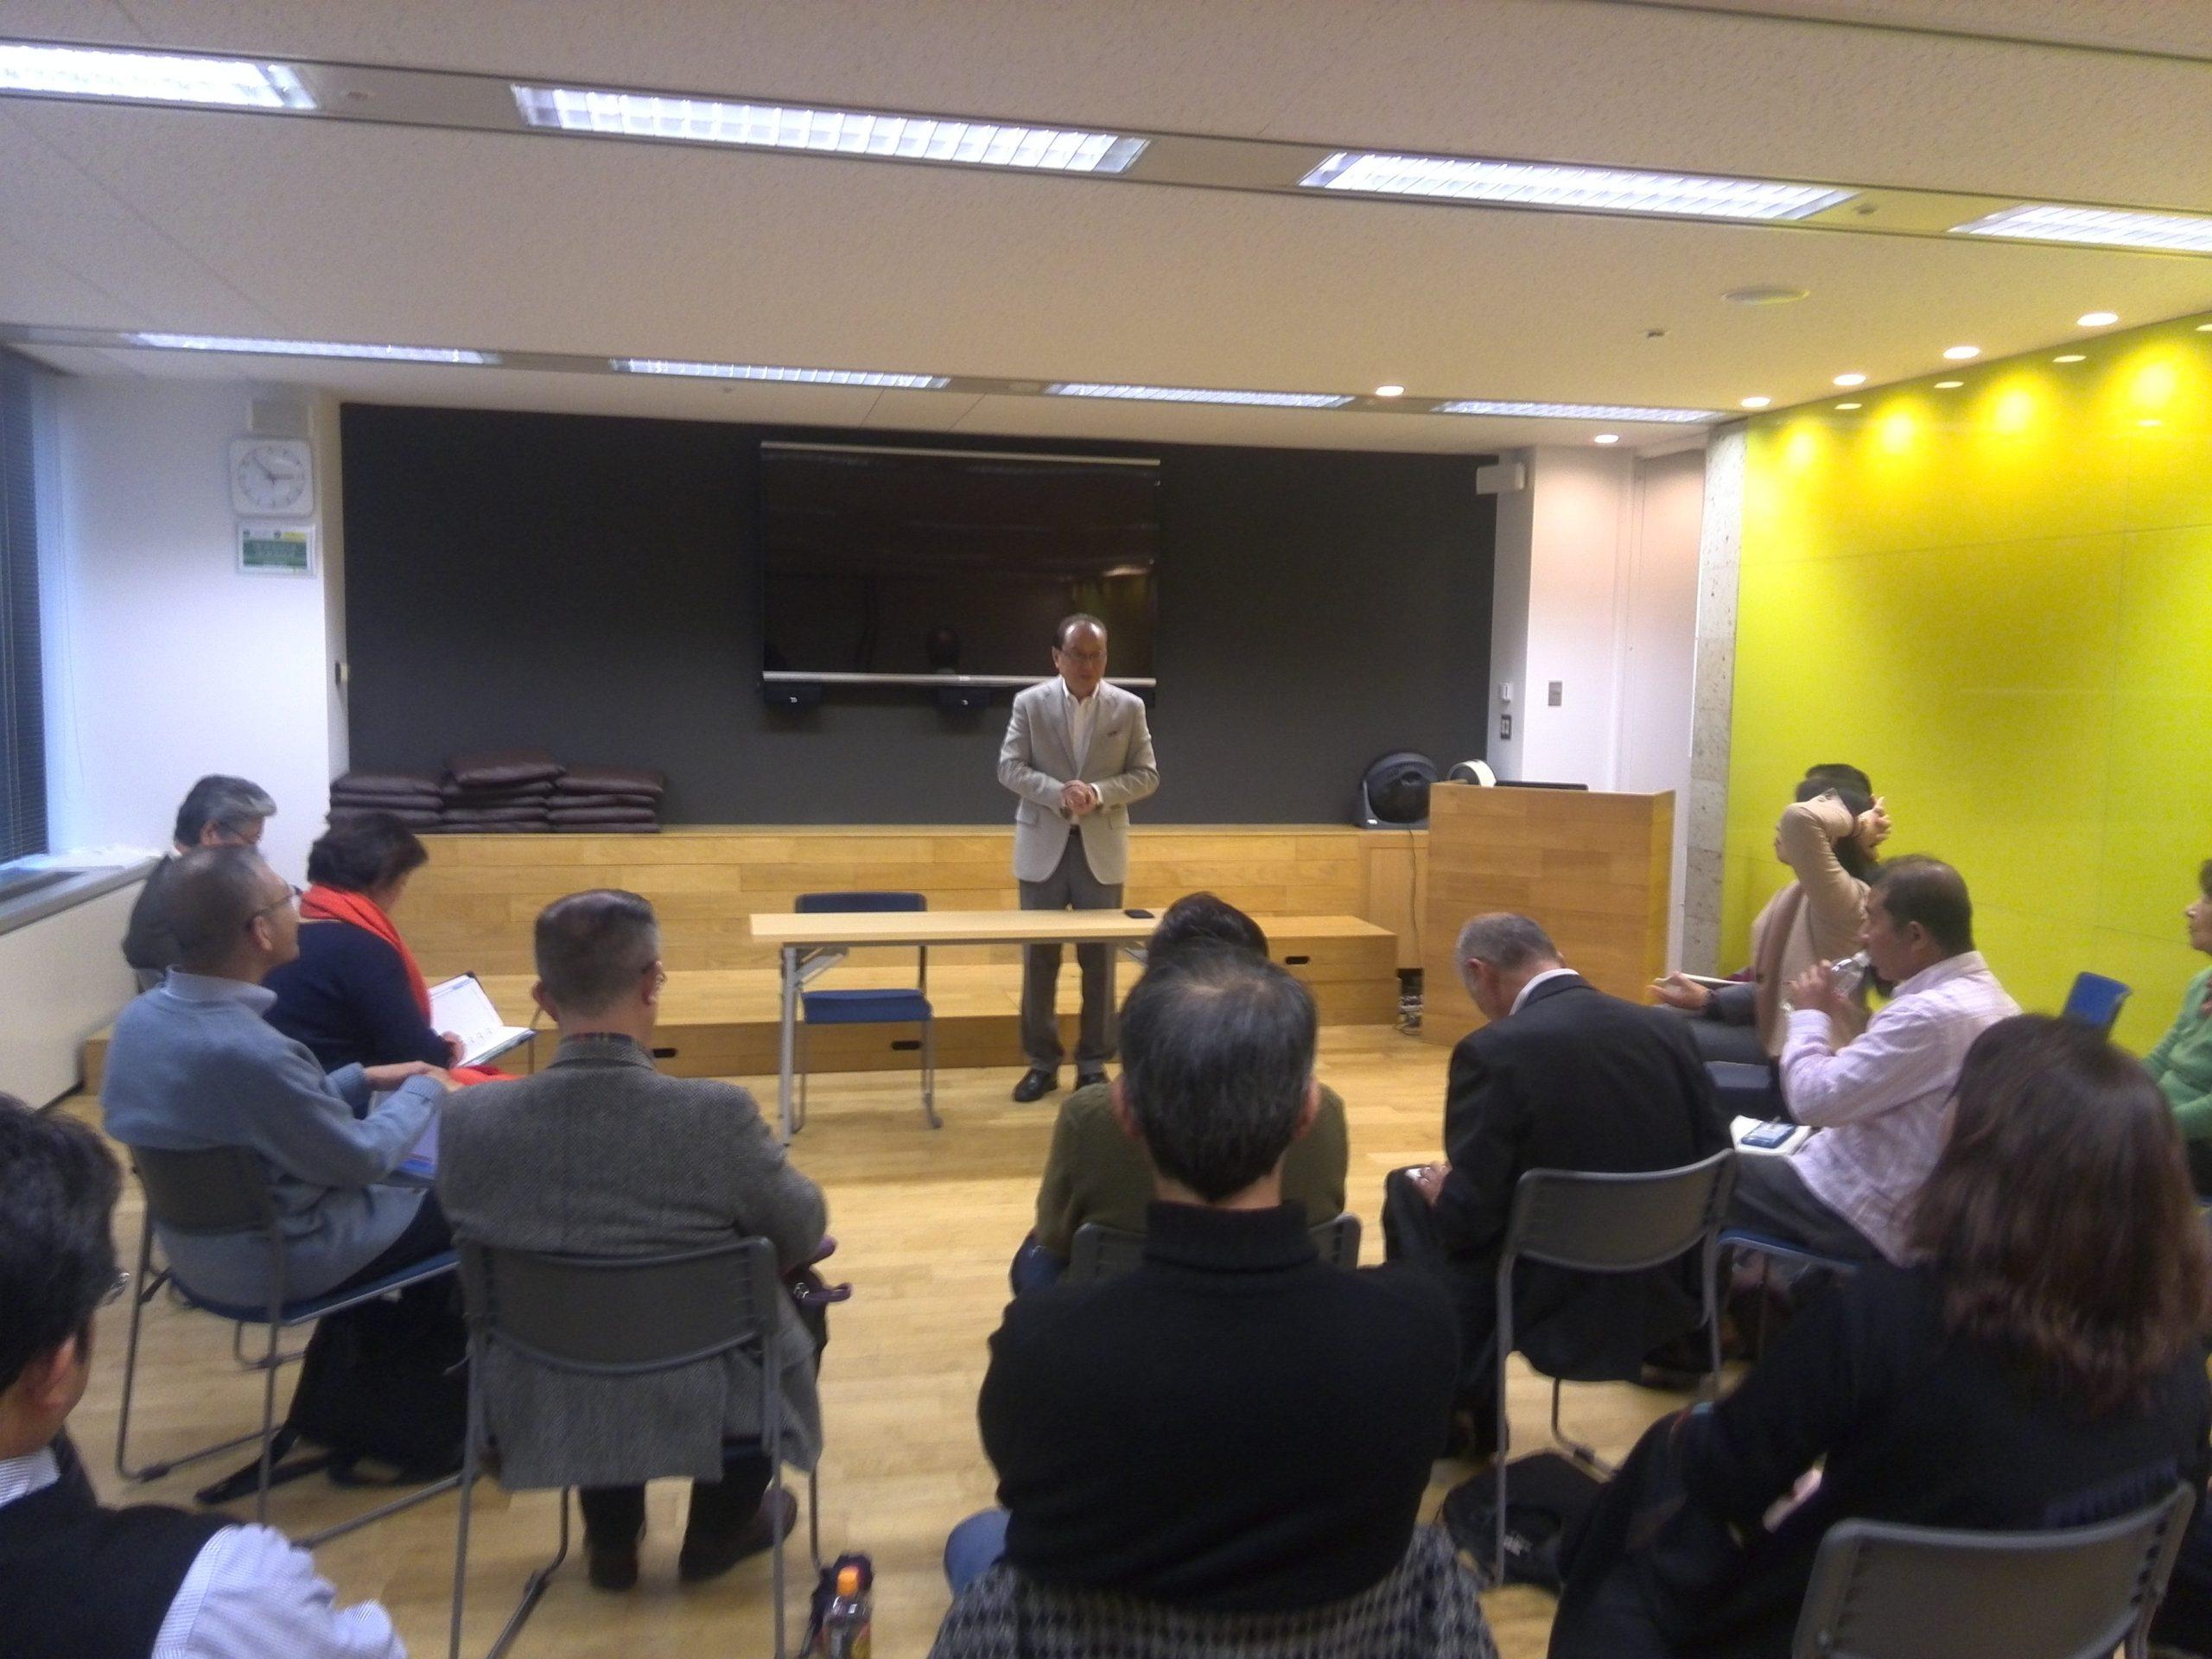 IMG 20110109 111018 scaled - 2019年12月7日(土)第6回東京思風塾「人生の鉄則からの5つの問いとは」をテーマに開催